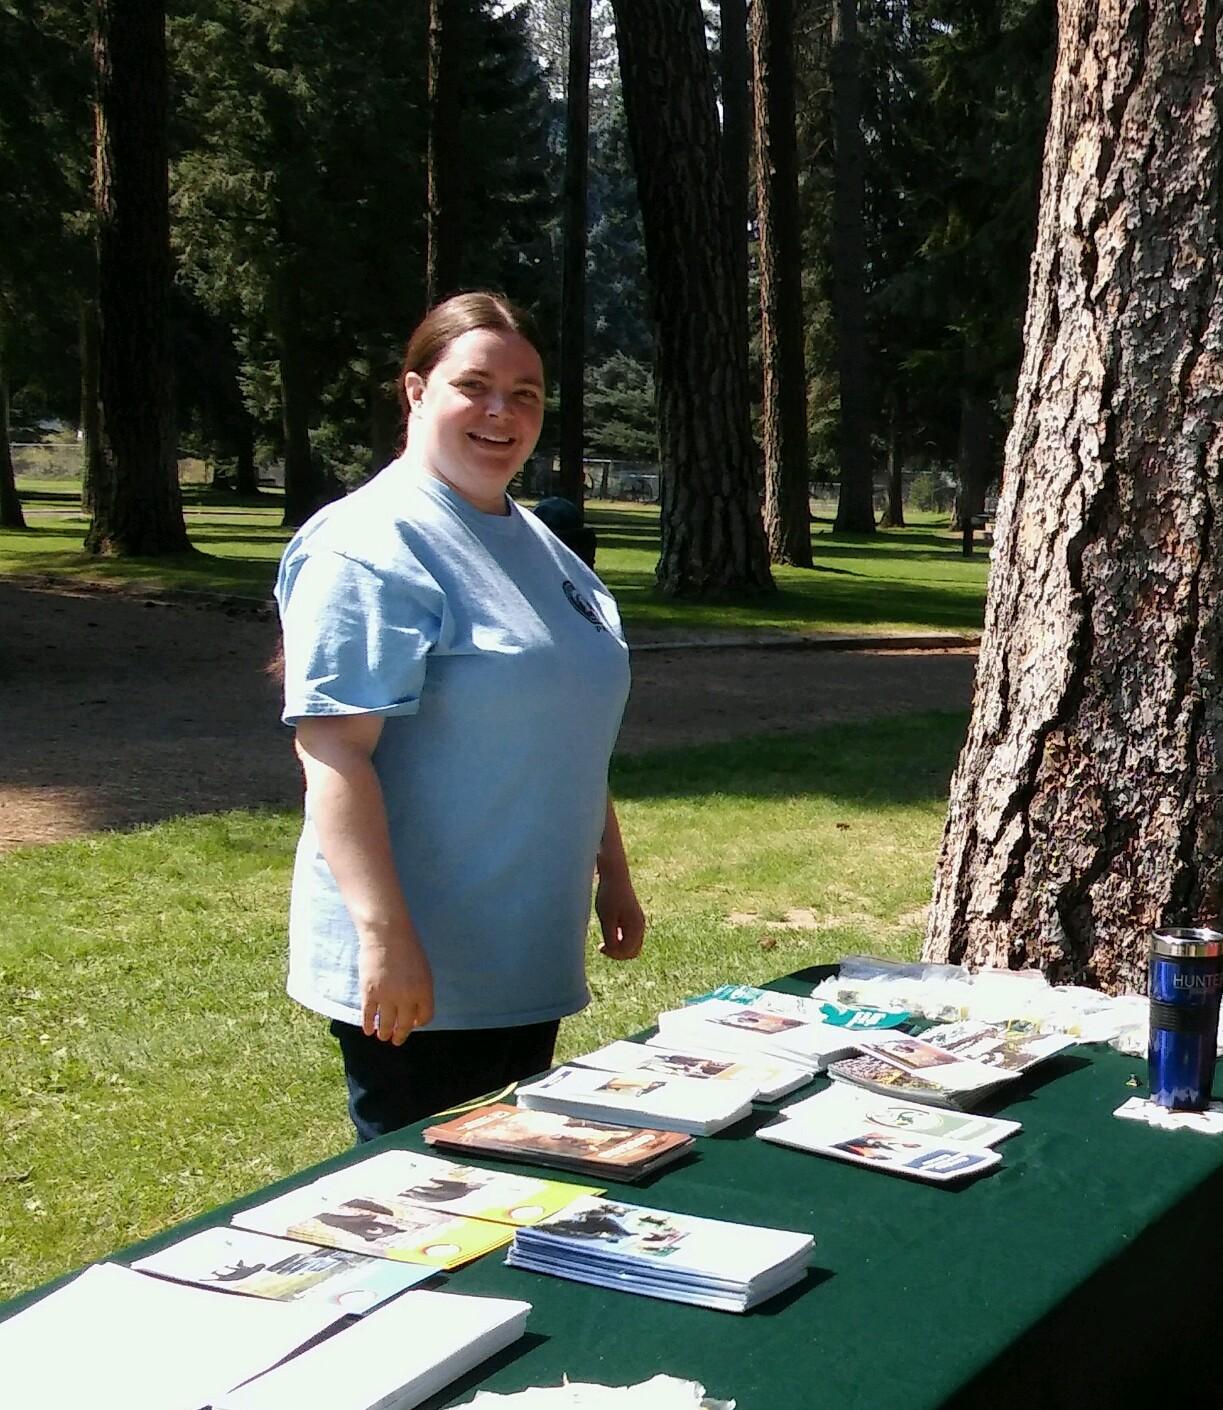 Rachel Lindsey: Event Planner and Coordinator